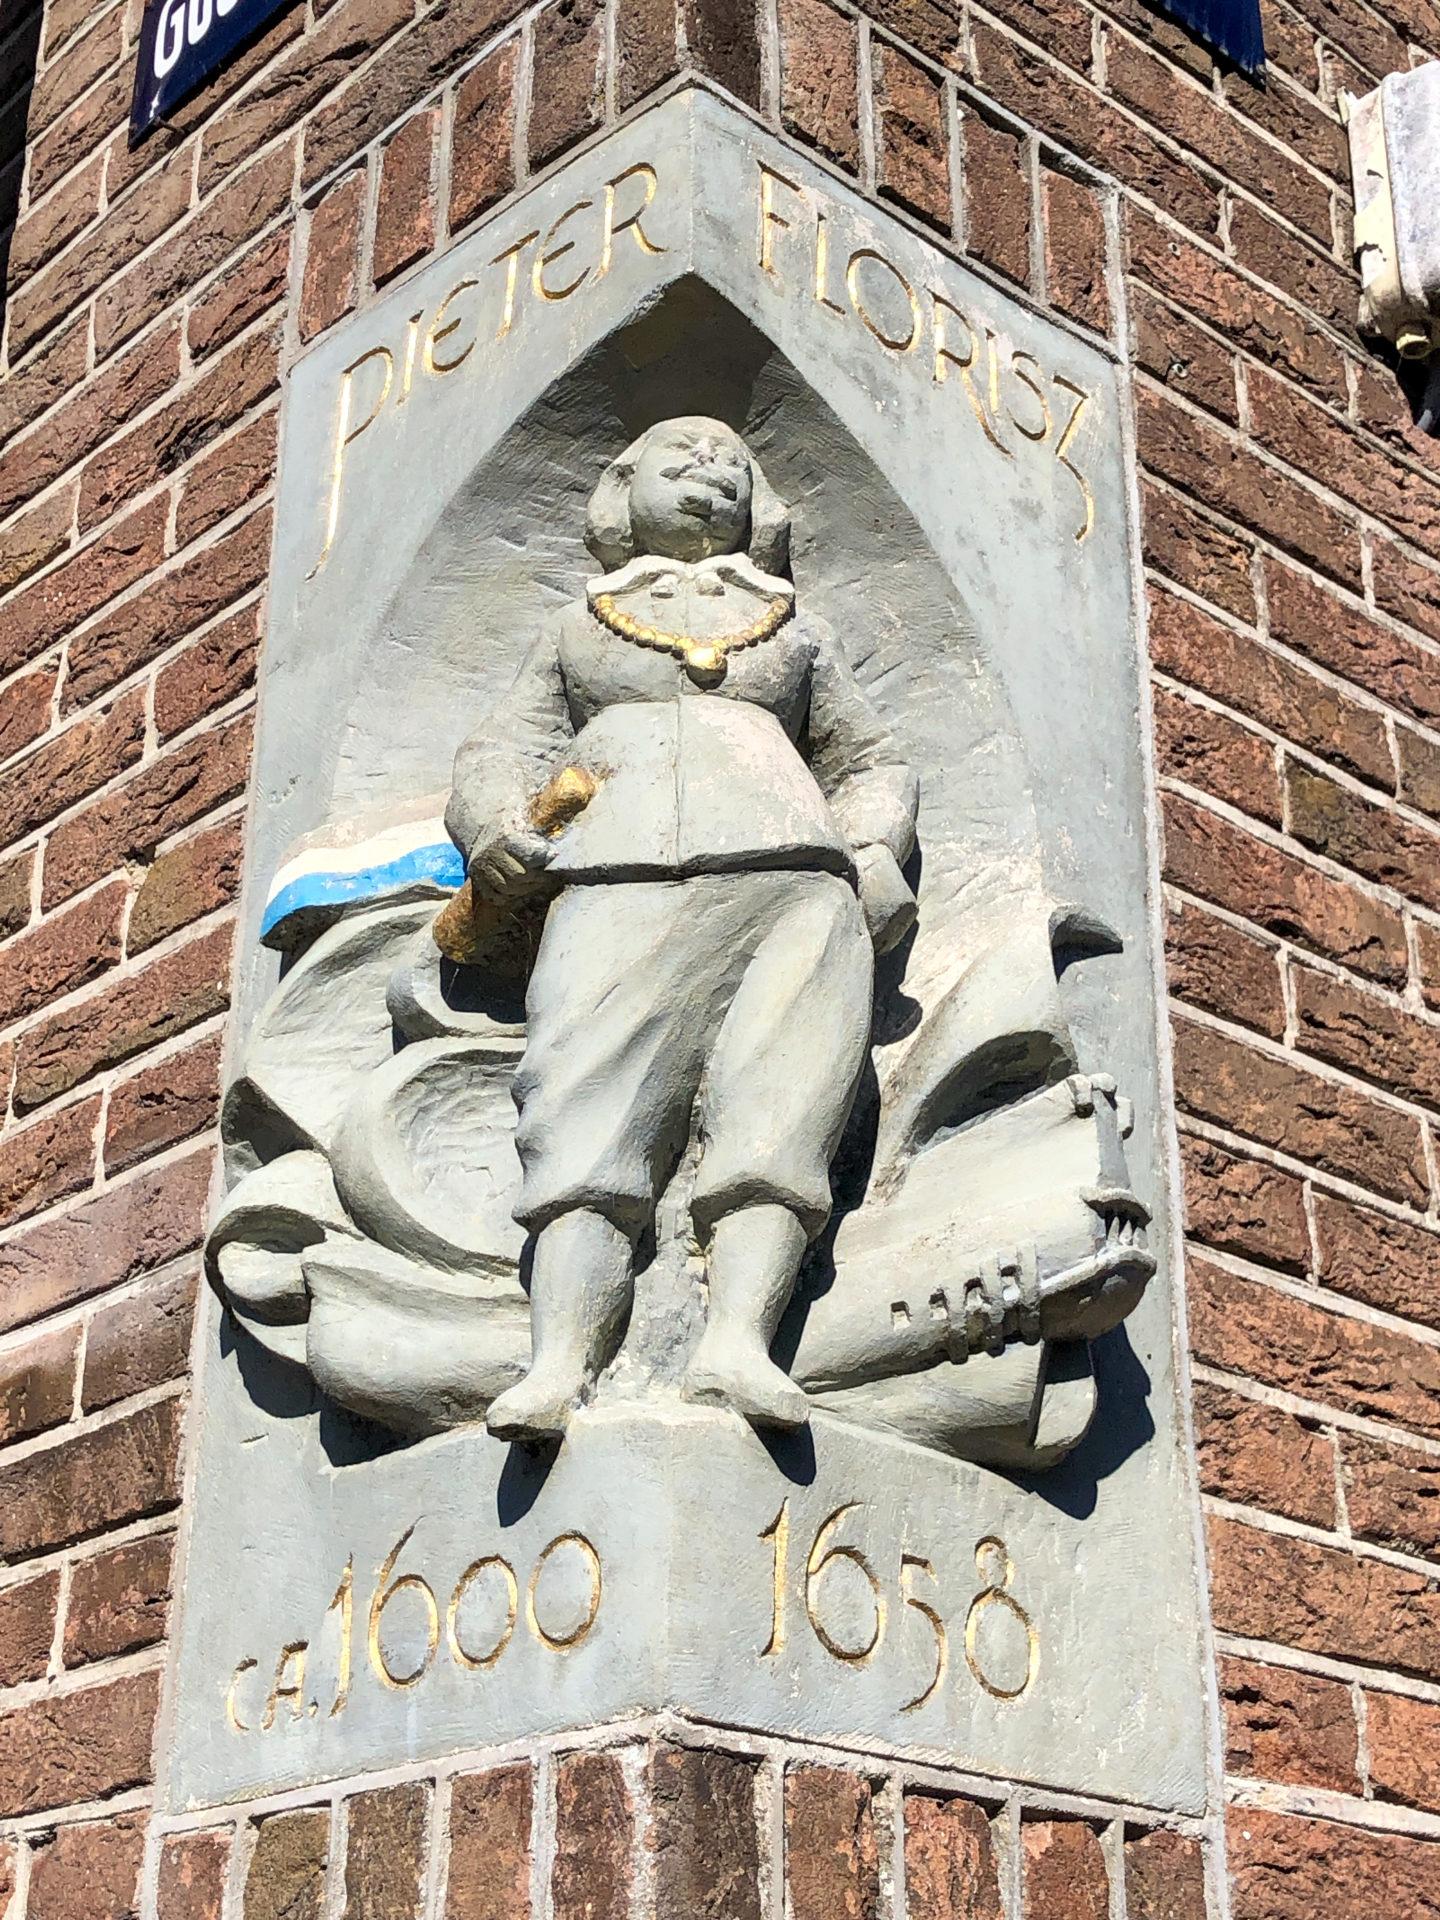 Giebelstein an einem Haus in Monnickendam in Holland